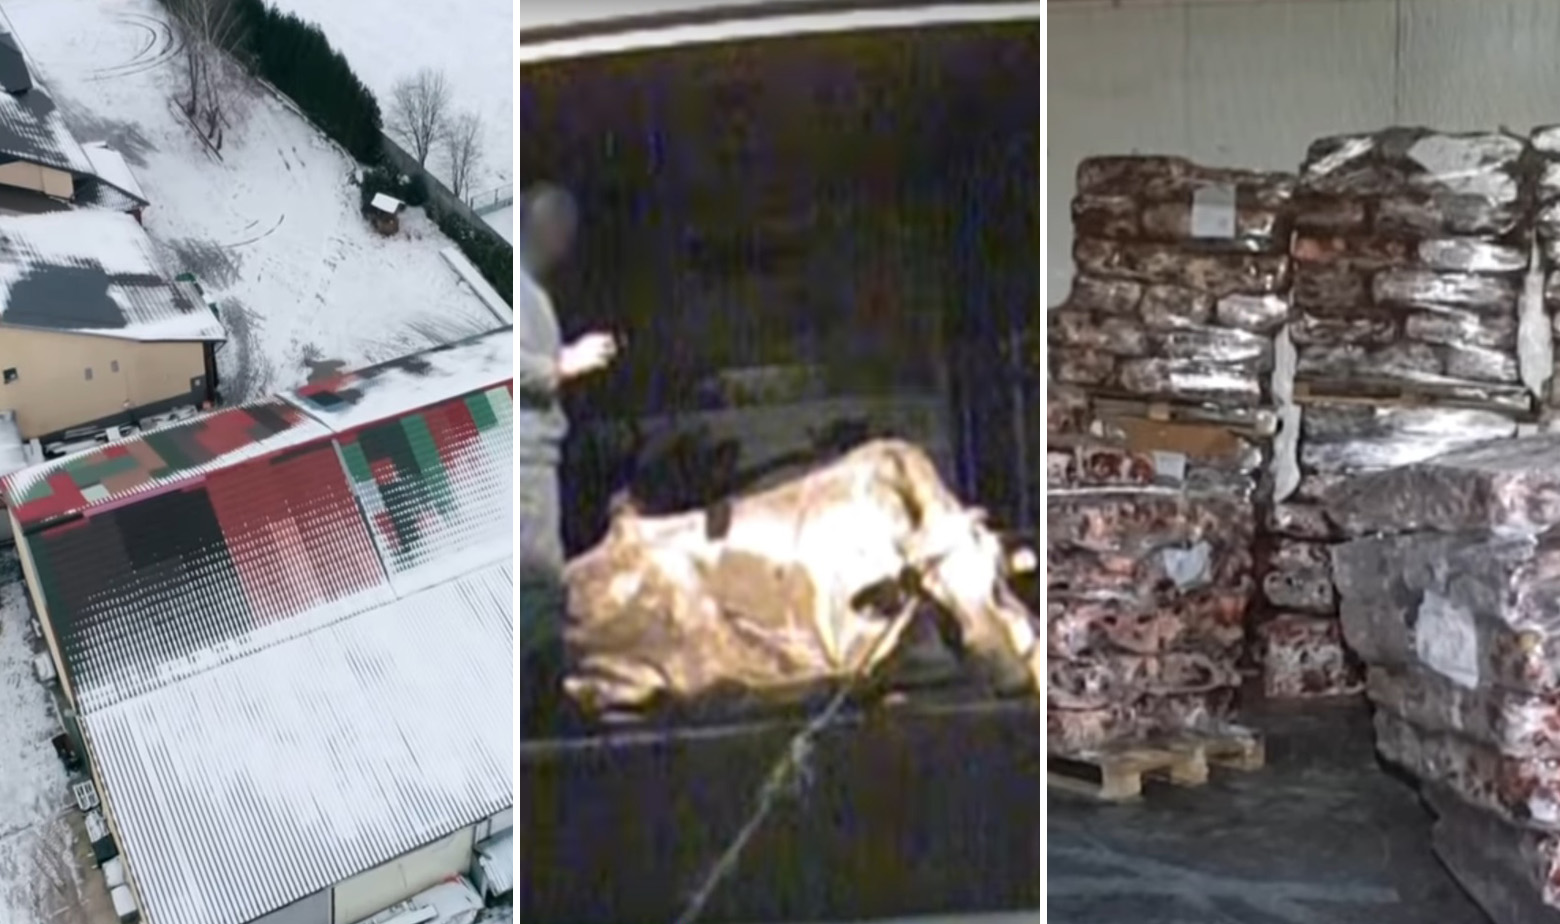 Prizori iz poljske klaonice u koju se dovode bolesne krave